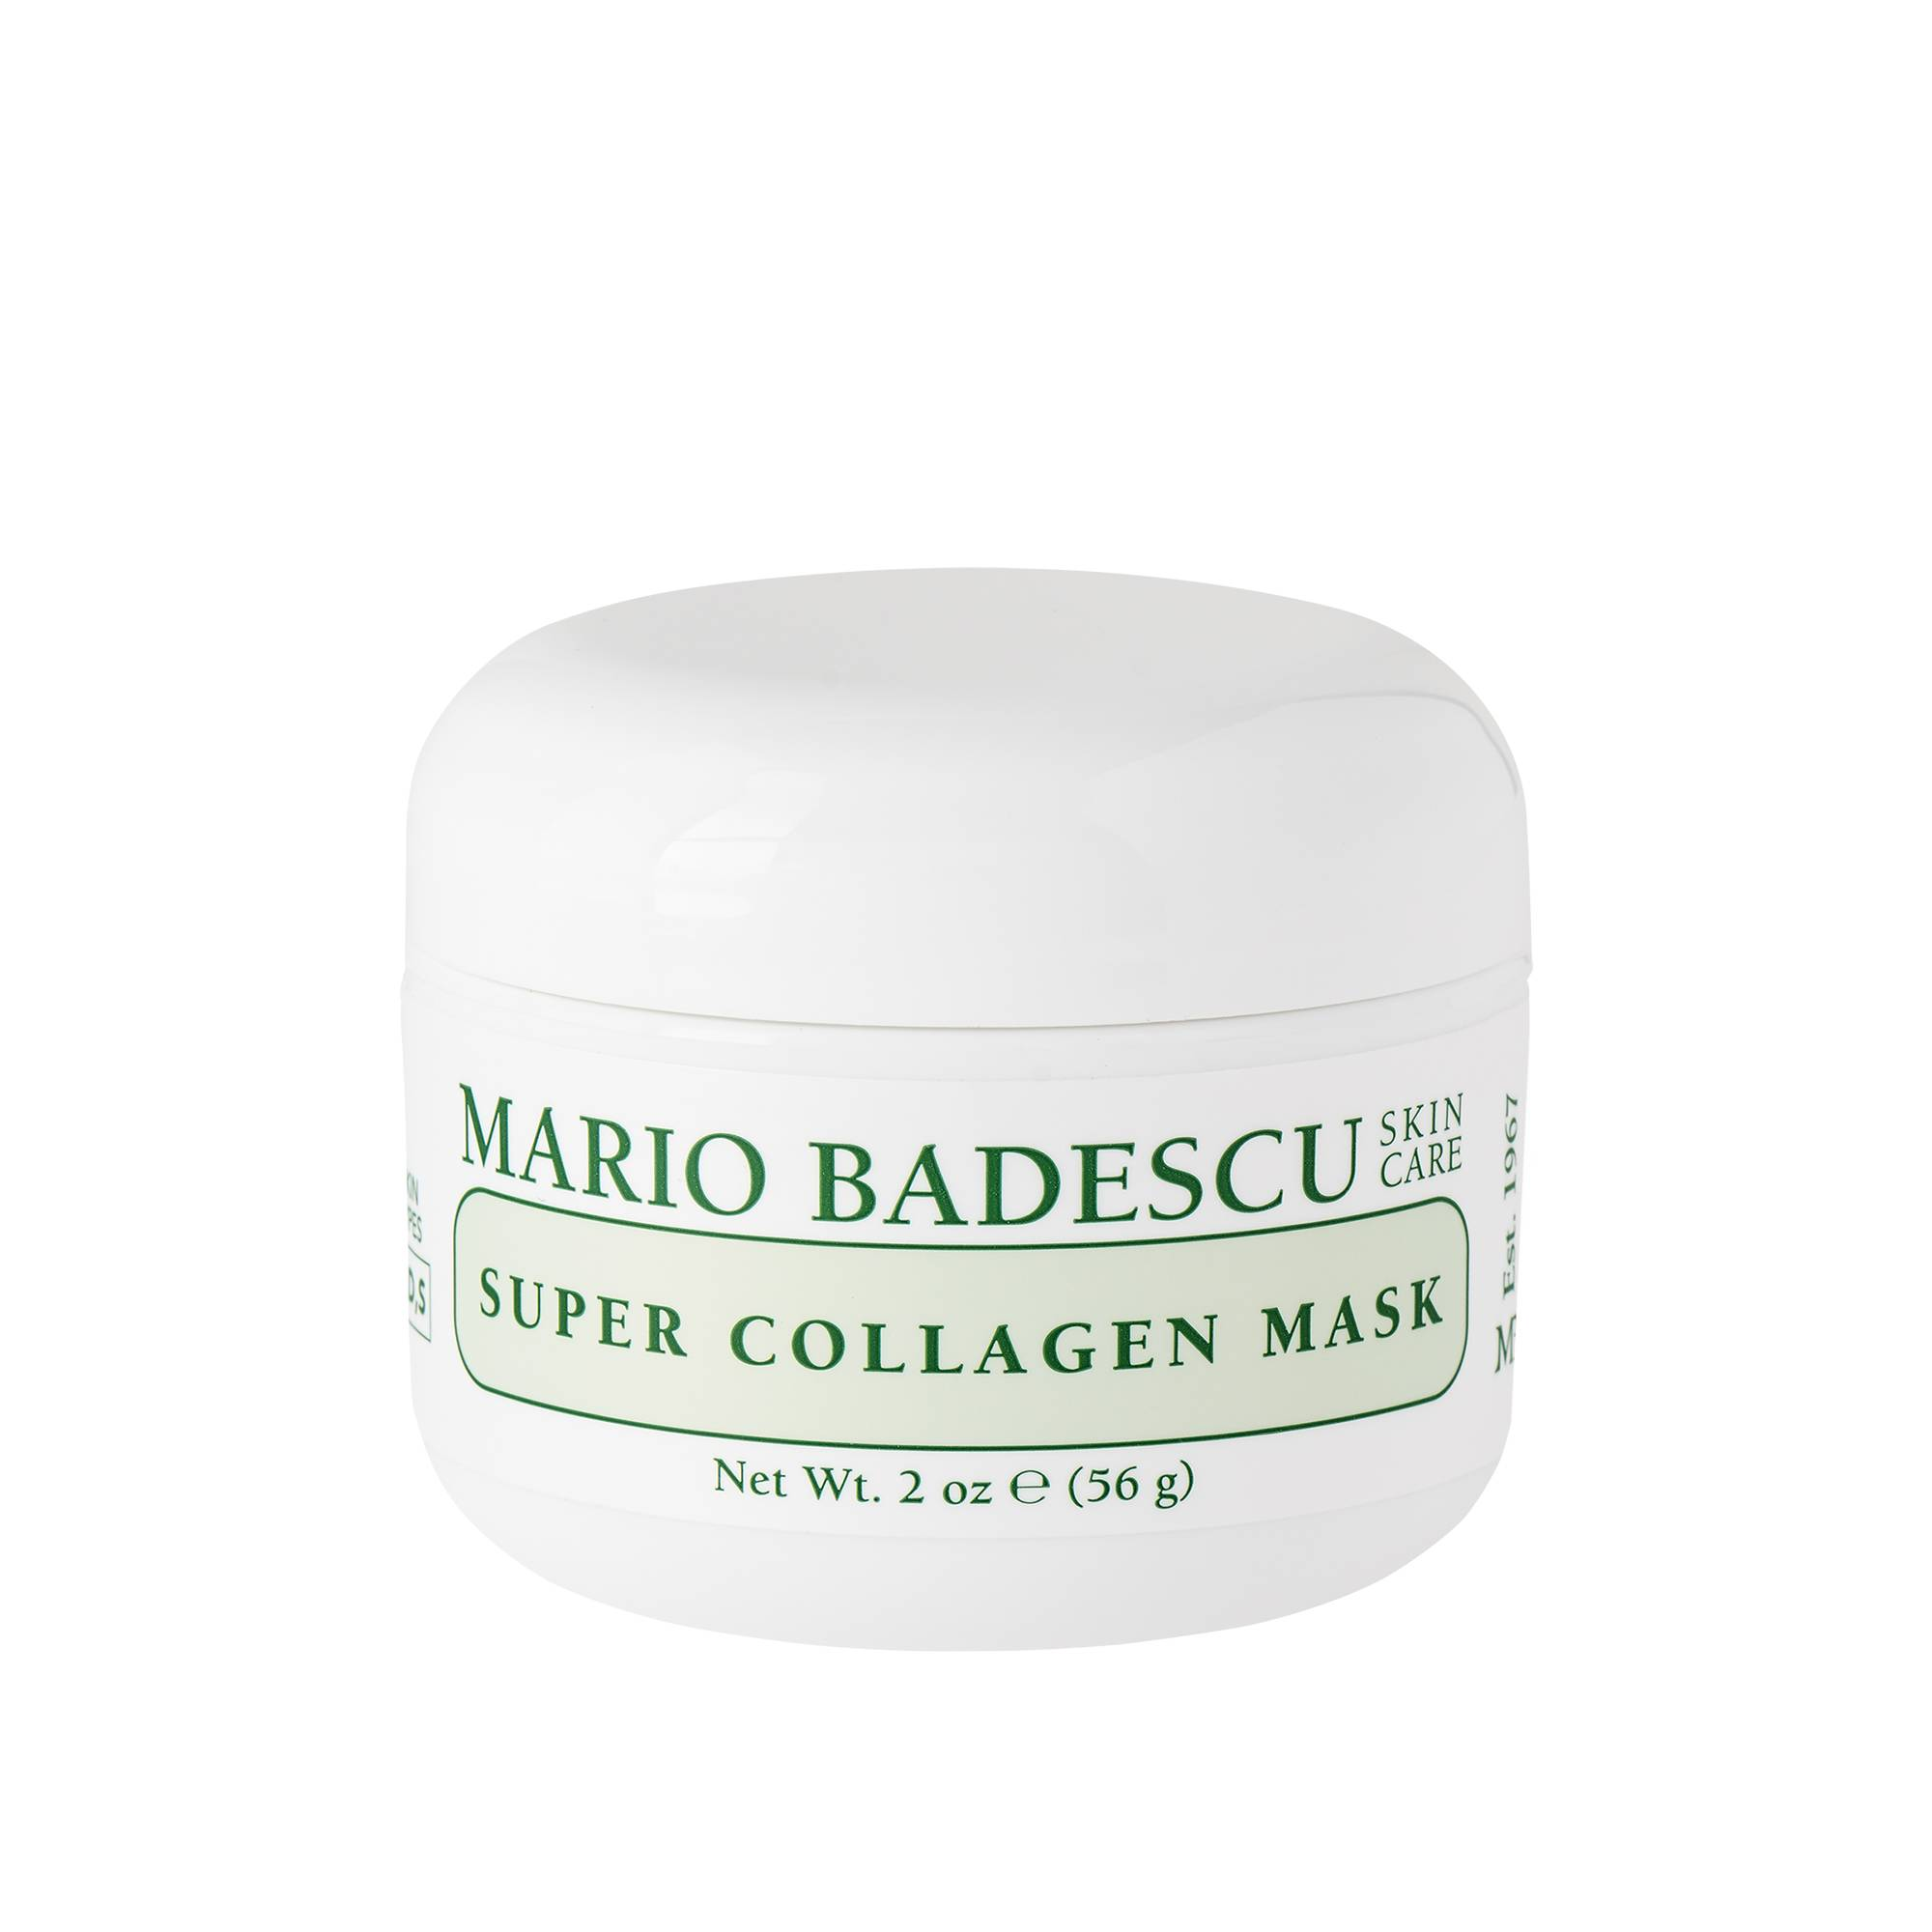 Mario Badescu Super Collagen Mask 56g